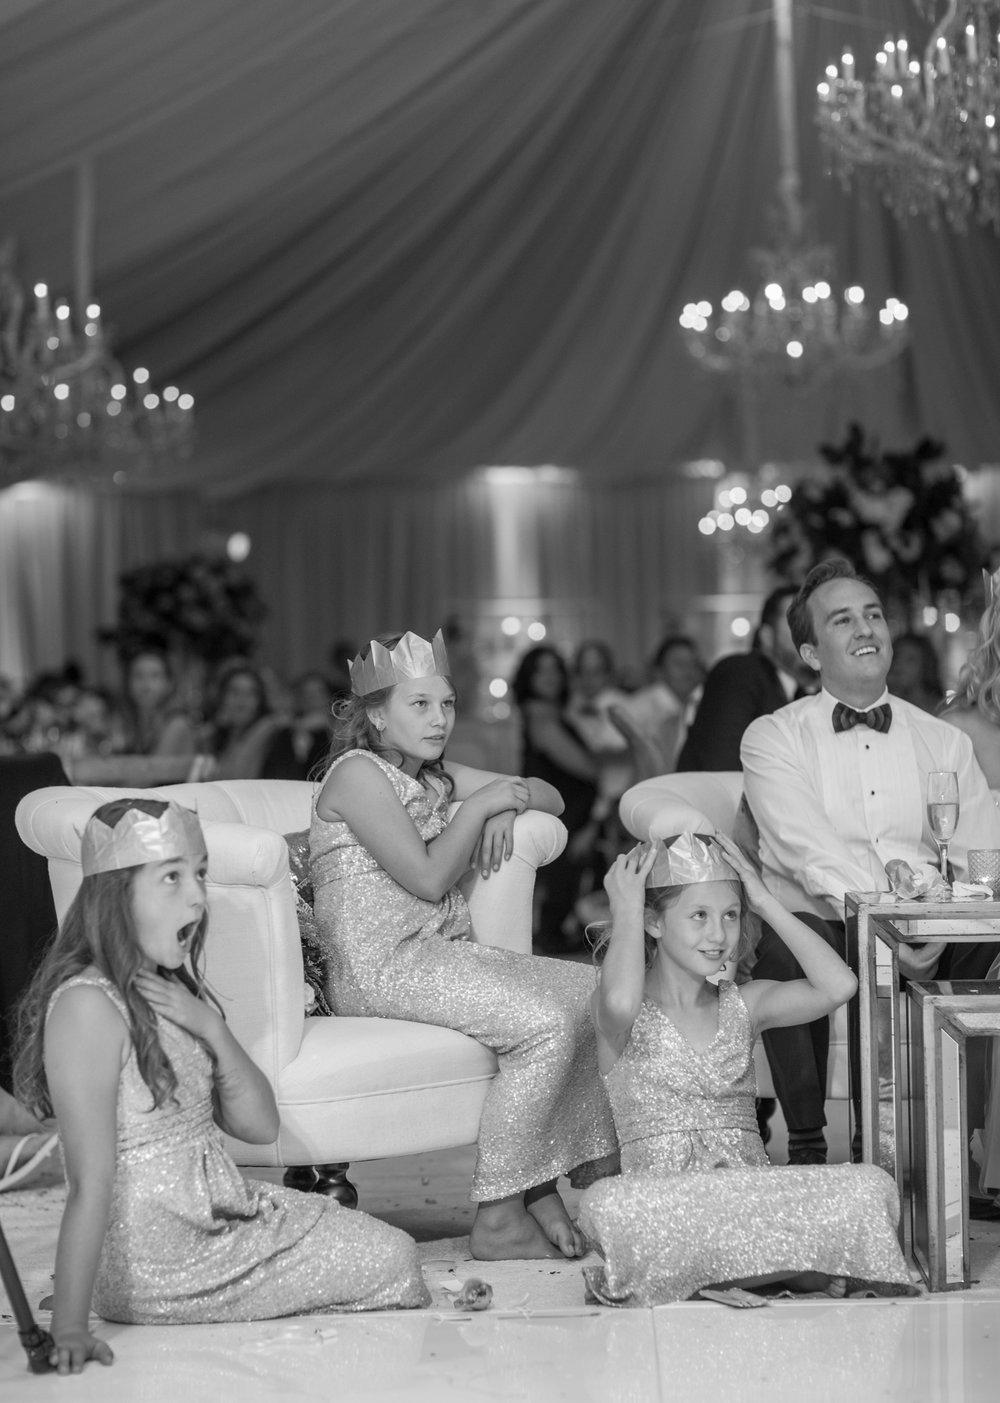 shewanders.coronado.wedding.photography.best.of160.jpg